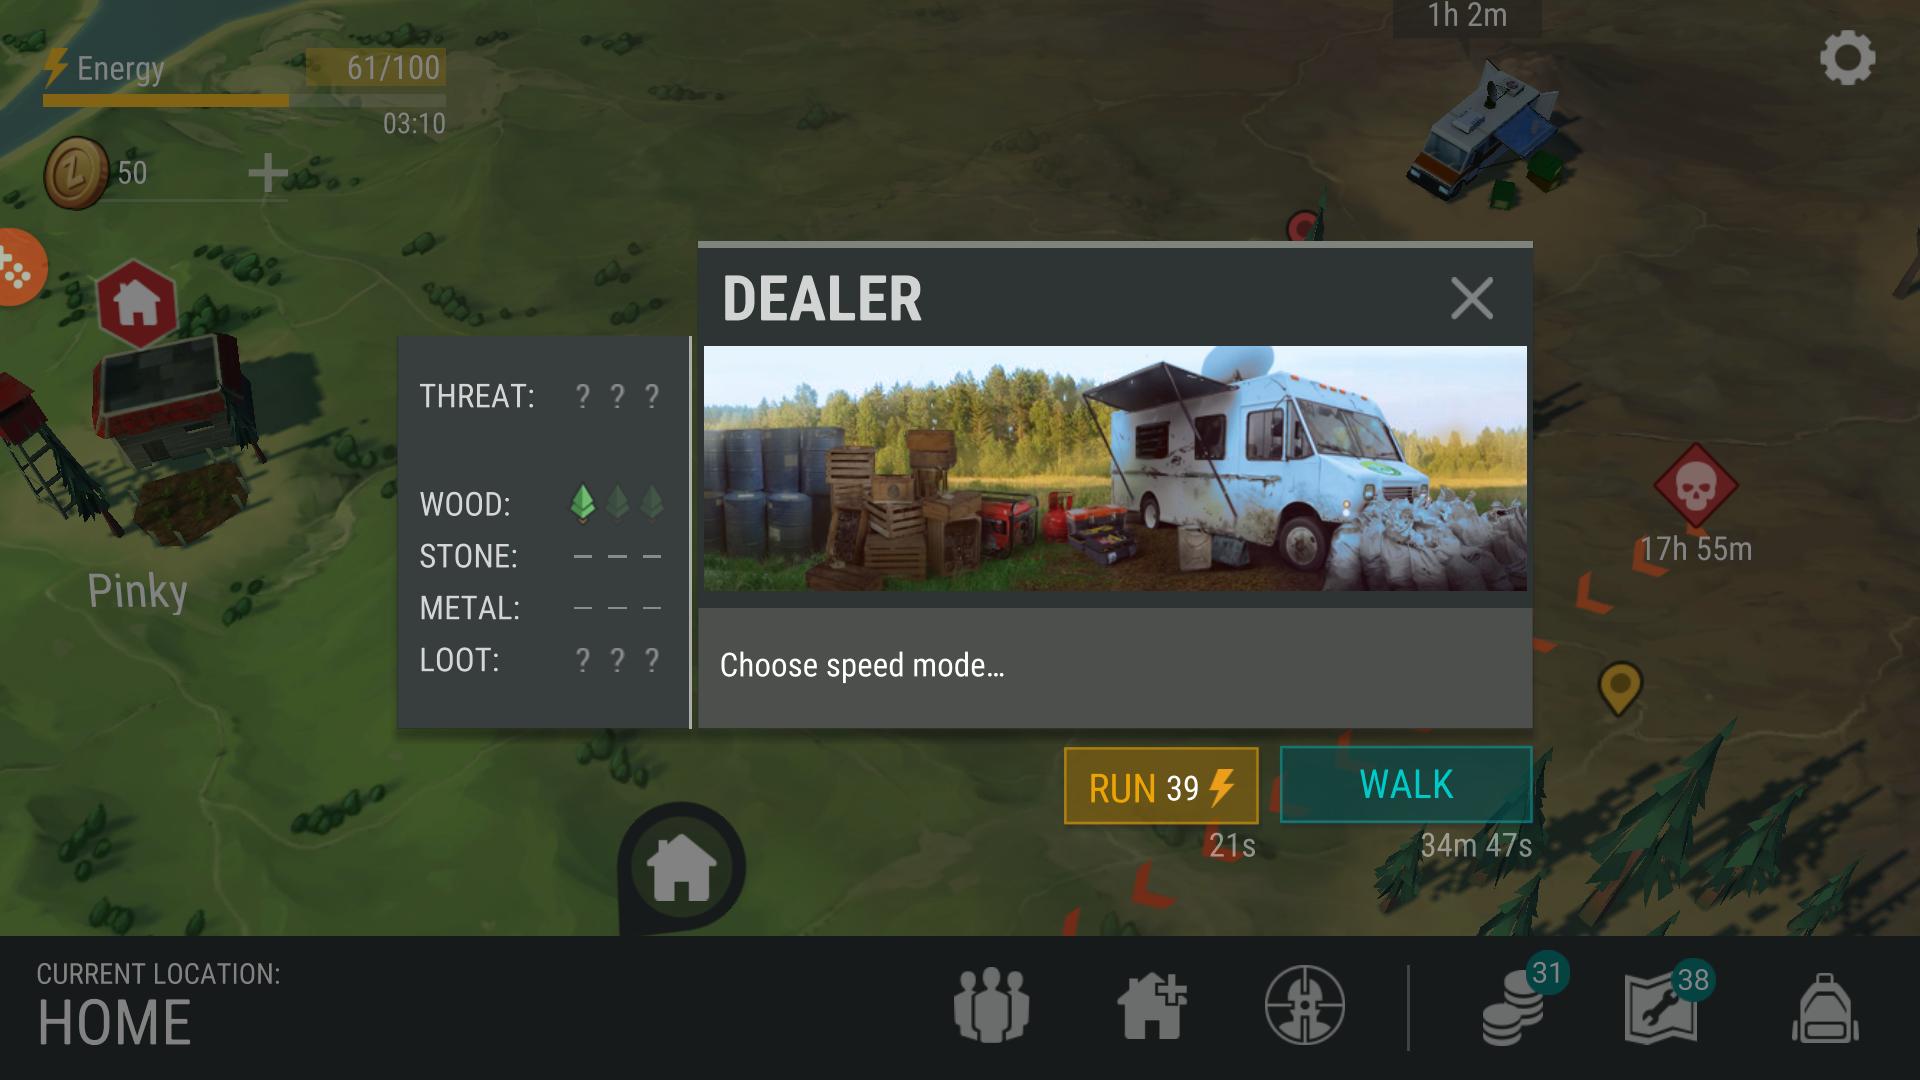 Dealer Last Day On Earth Survival Wiki Fandom Powered